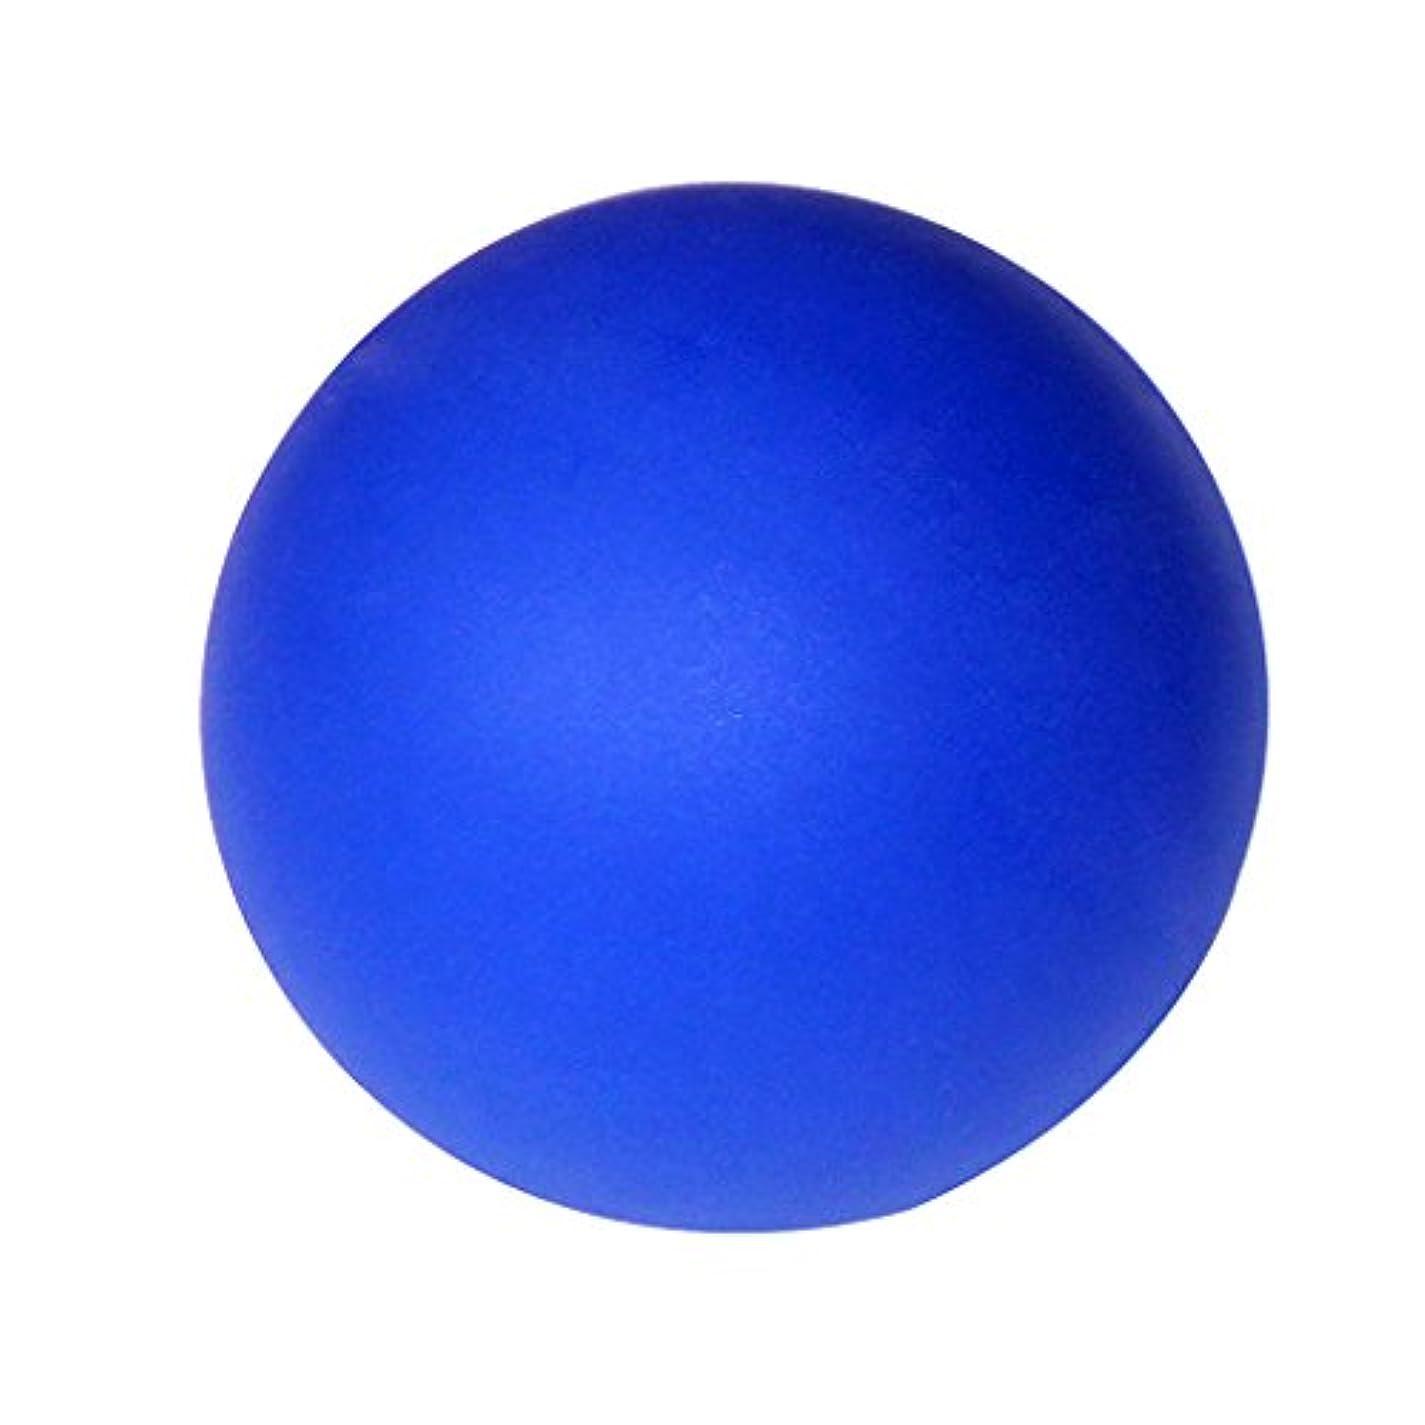 卑しい窒息させる望まないマッサージボール ラクロスマッサージボール 足 腕 首 足首 背中 ジム ホーム 運動療法